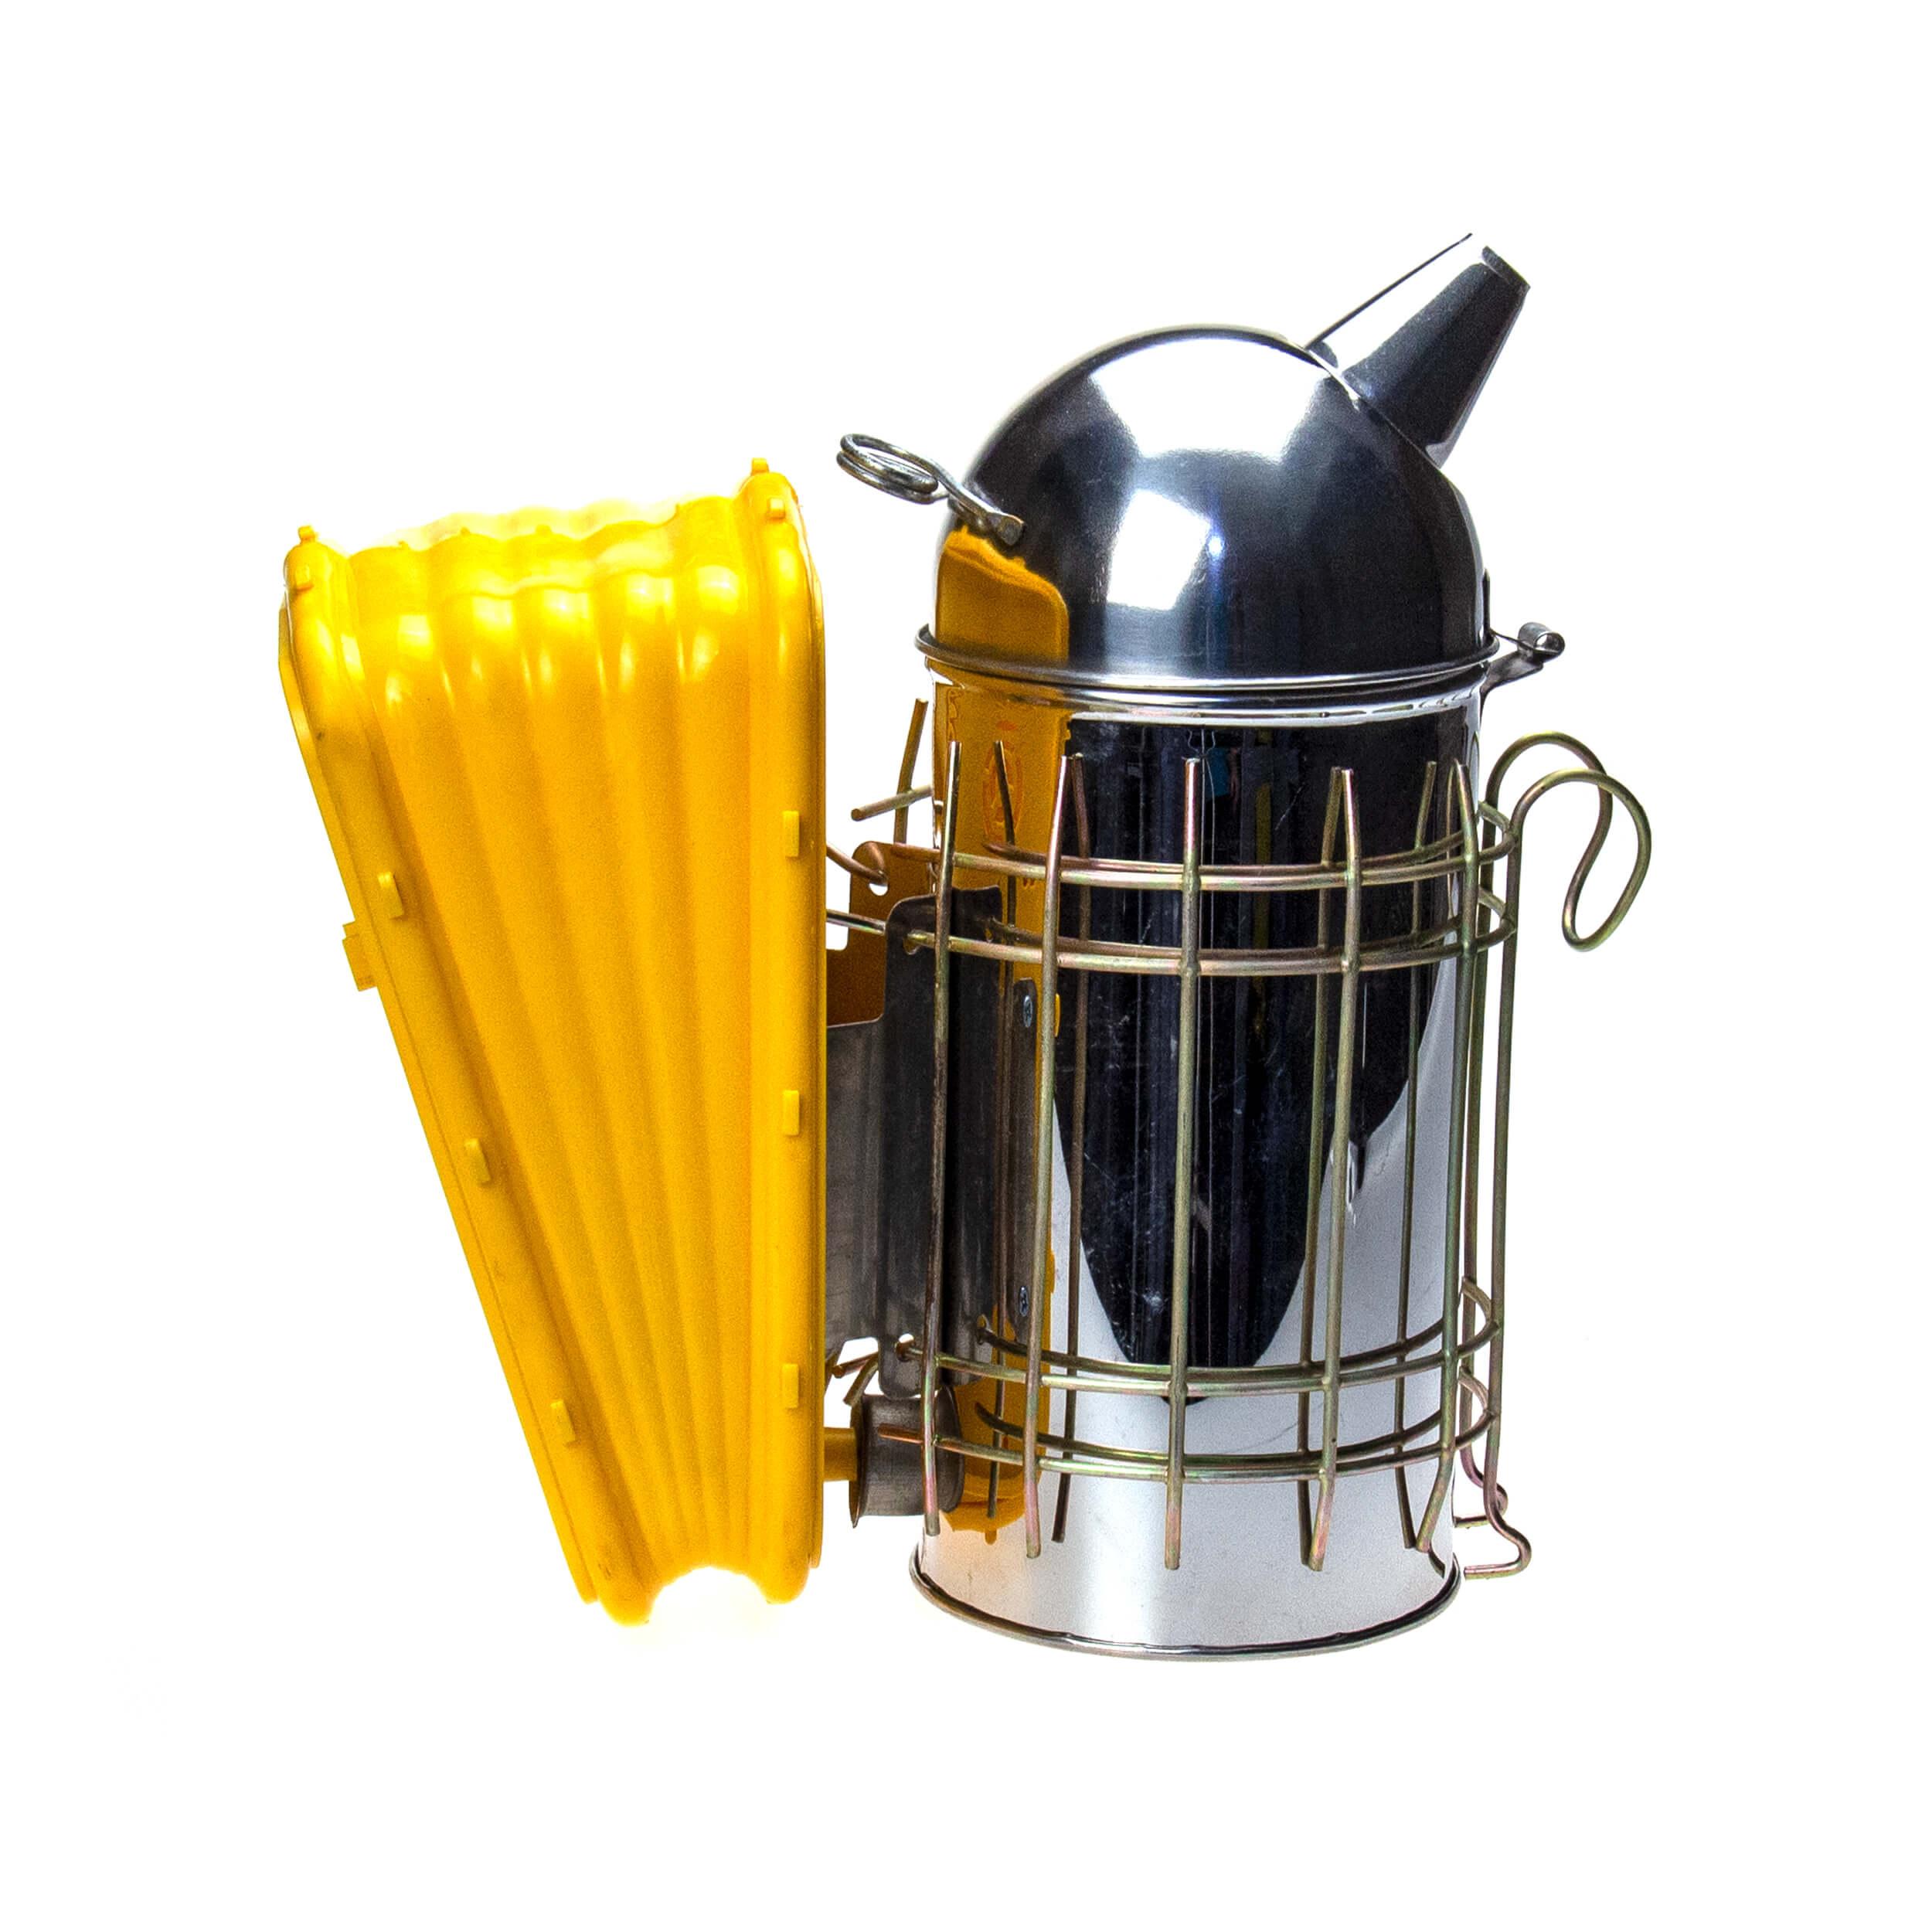 Дымарь Profi-III (нержавейка с пластмассовыми мехами без стакана) фото